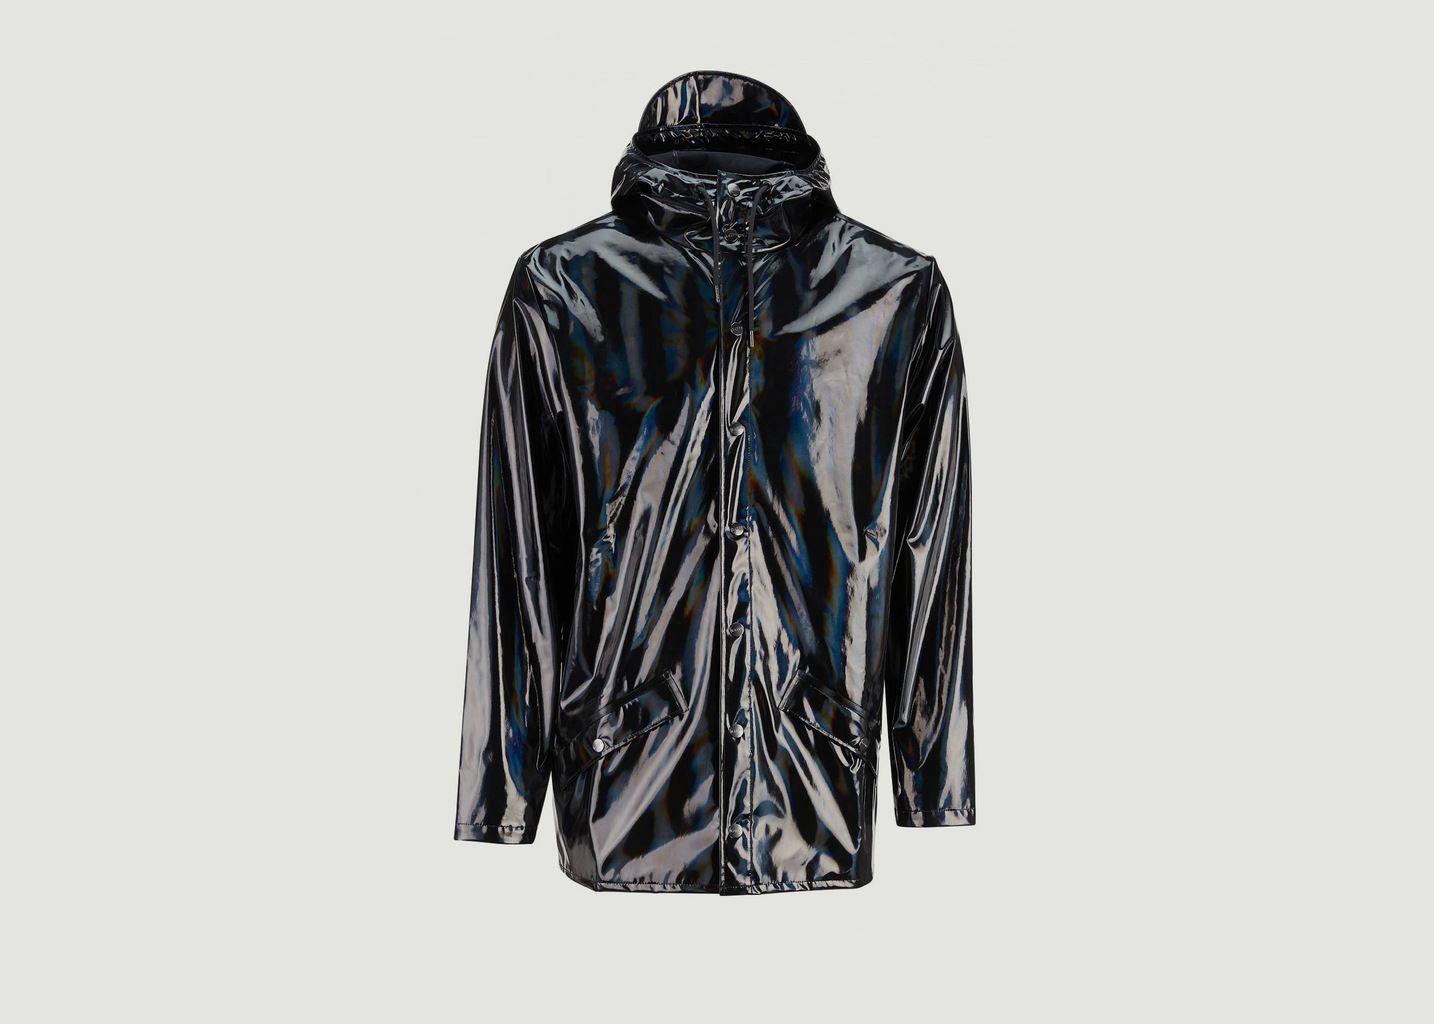 Blouson A Capuche Holographic - Rains